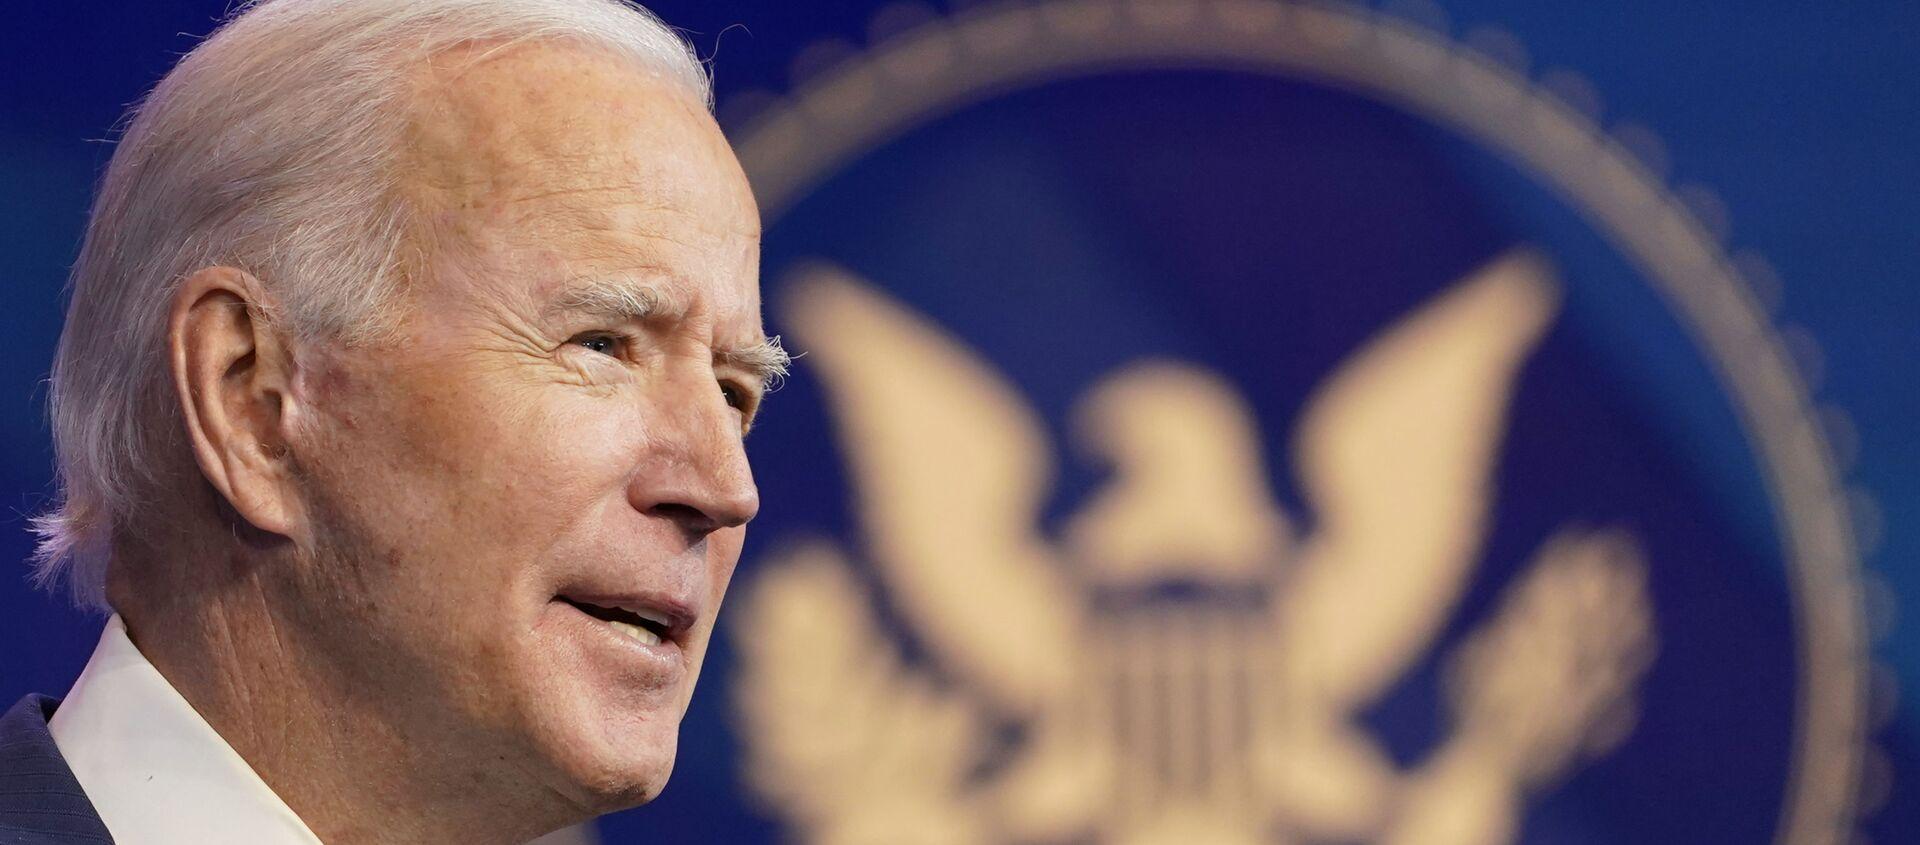 Tổng thống đắc cử của Hoa Kỳ Joe Biden - Sputnik Việt Nam, 1920, 13.04.2021